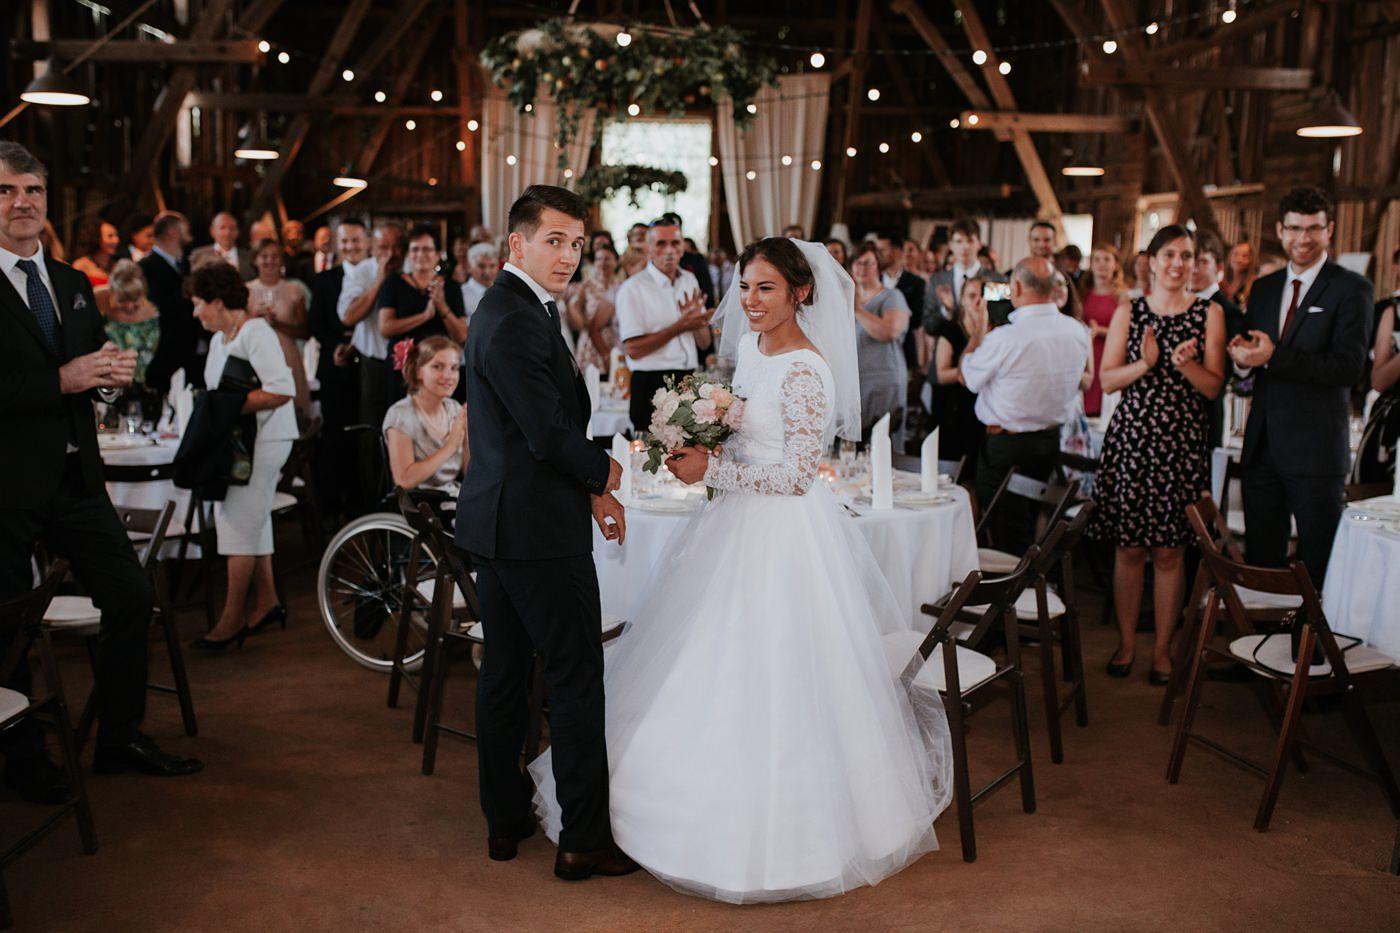 Dominika & Aleksander - Rustykalne wesele w stodole - Baborówko 100